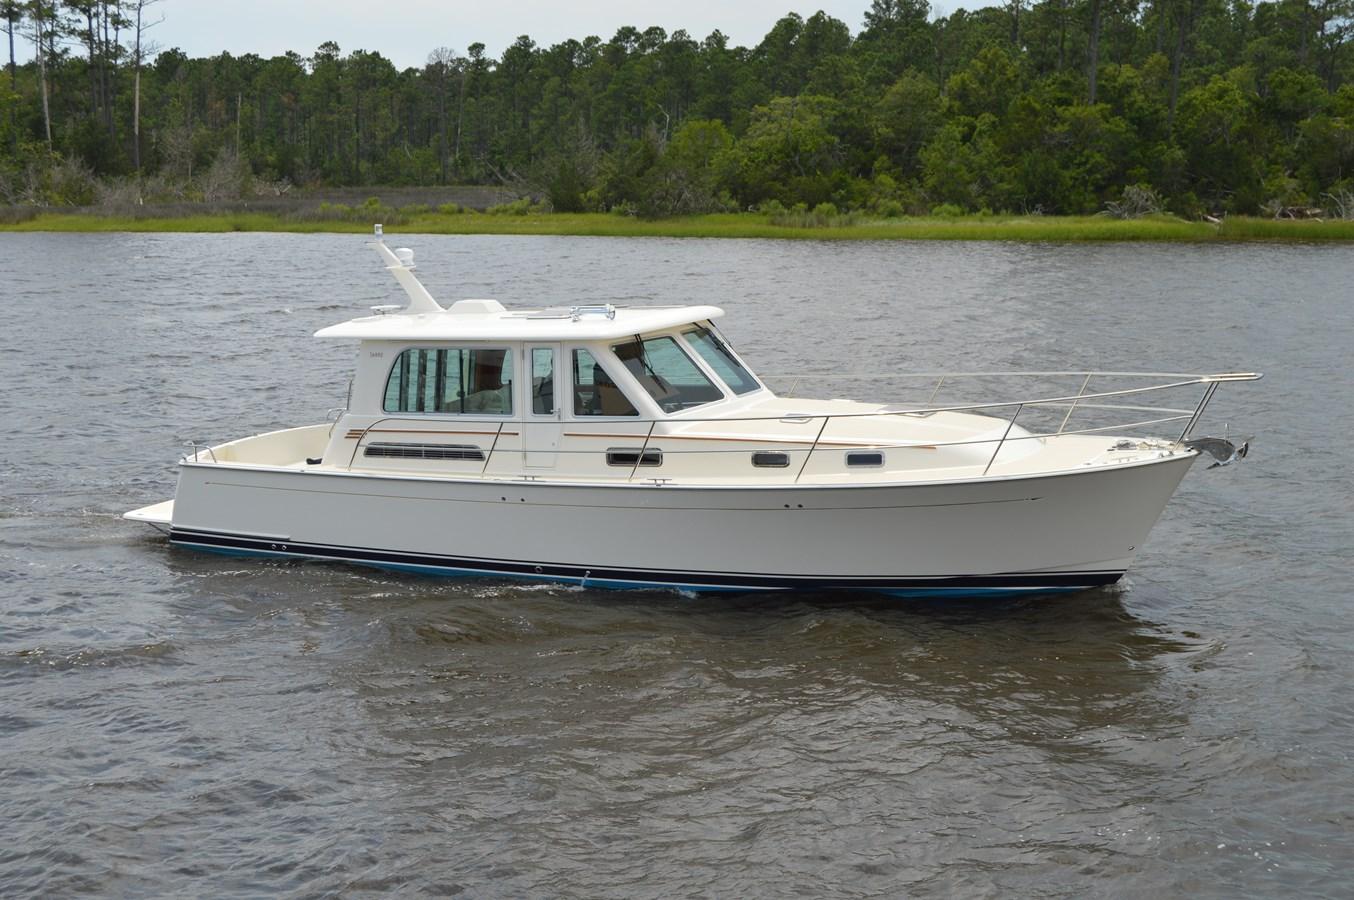 DSC_0009 2021 SABRE YACHTS 42 Salon Express Motor Yacht 2970556